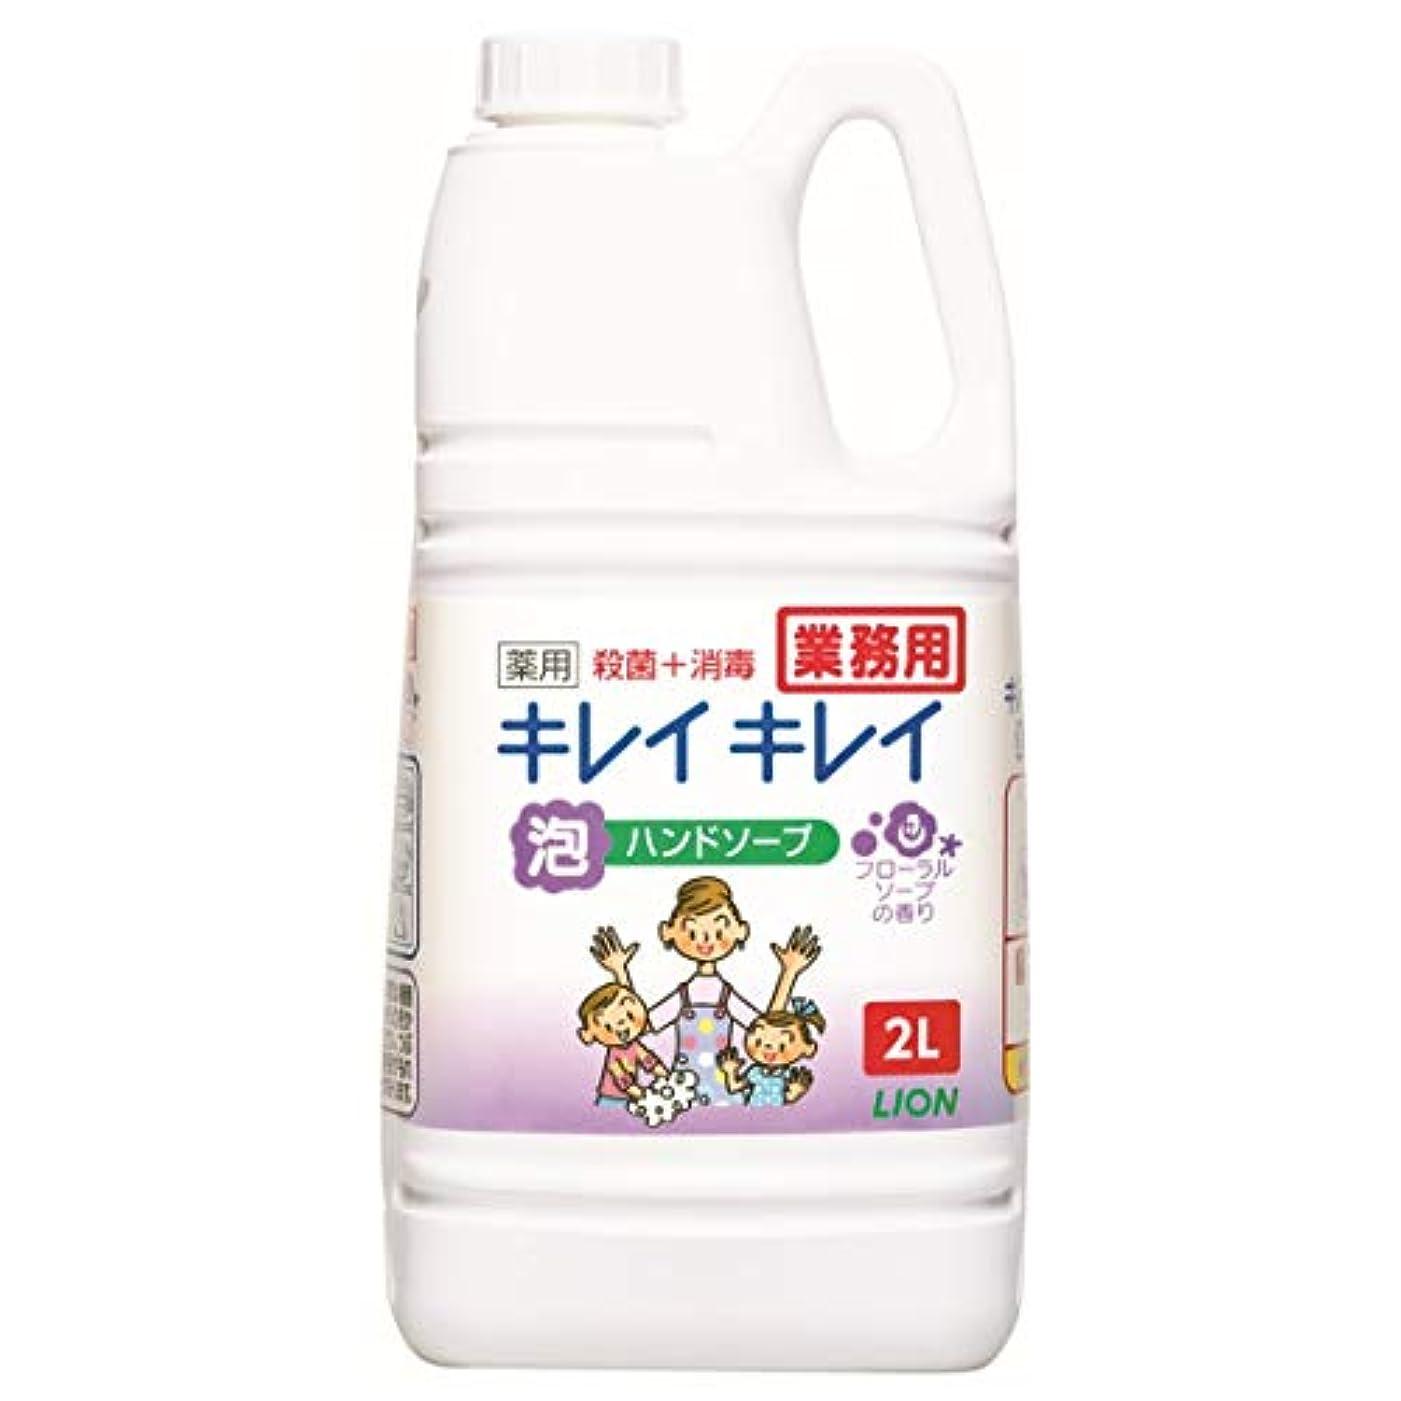 人工算術オートマトン【大容量】キレイキレイ 薬用泡ハンドソープ フローラルソープの香り 2L